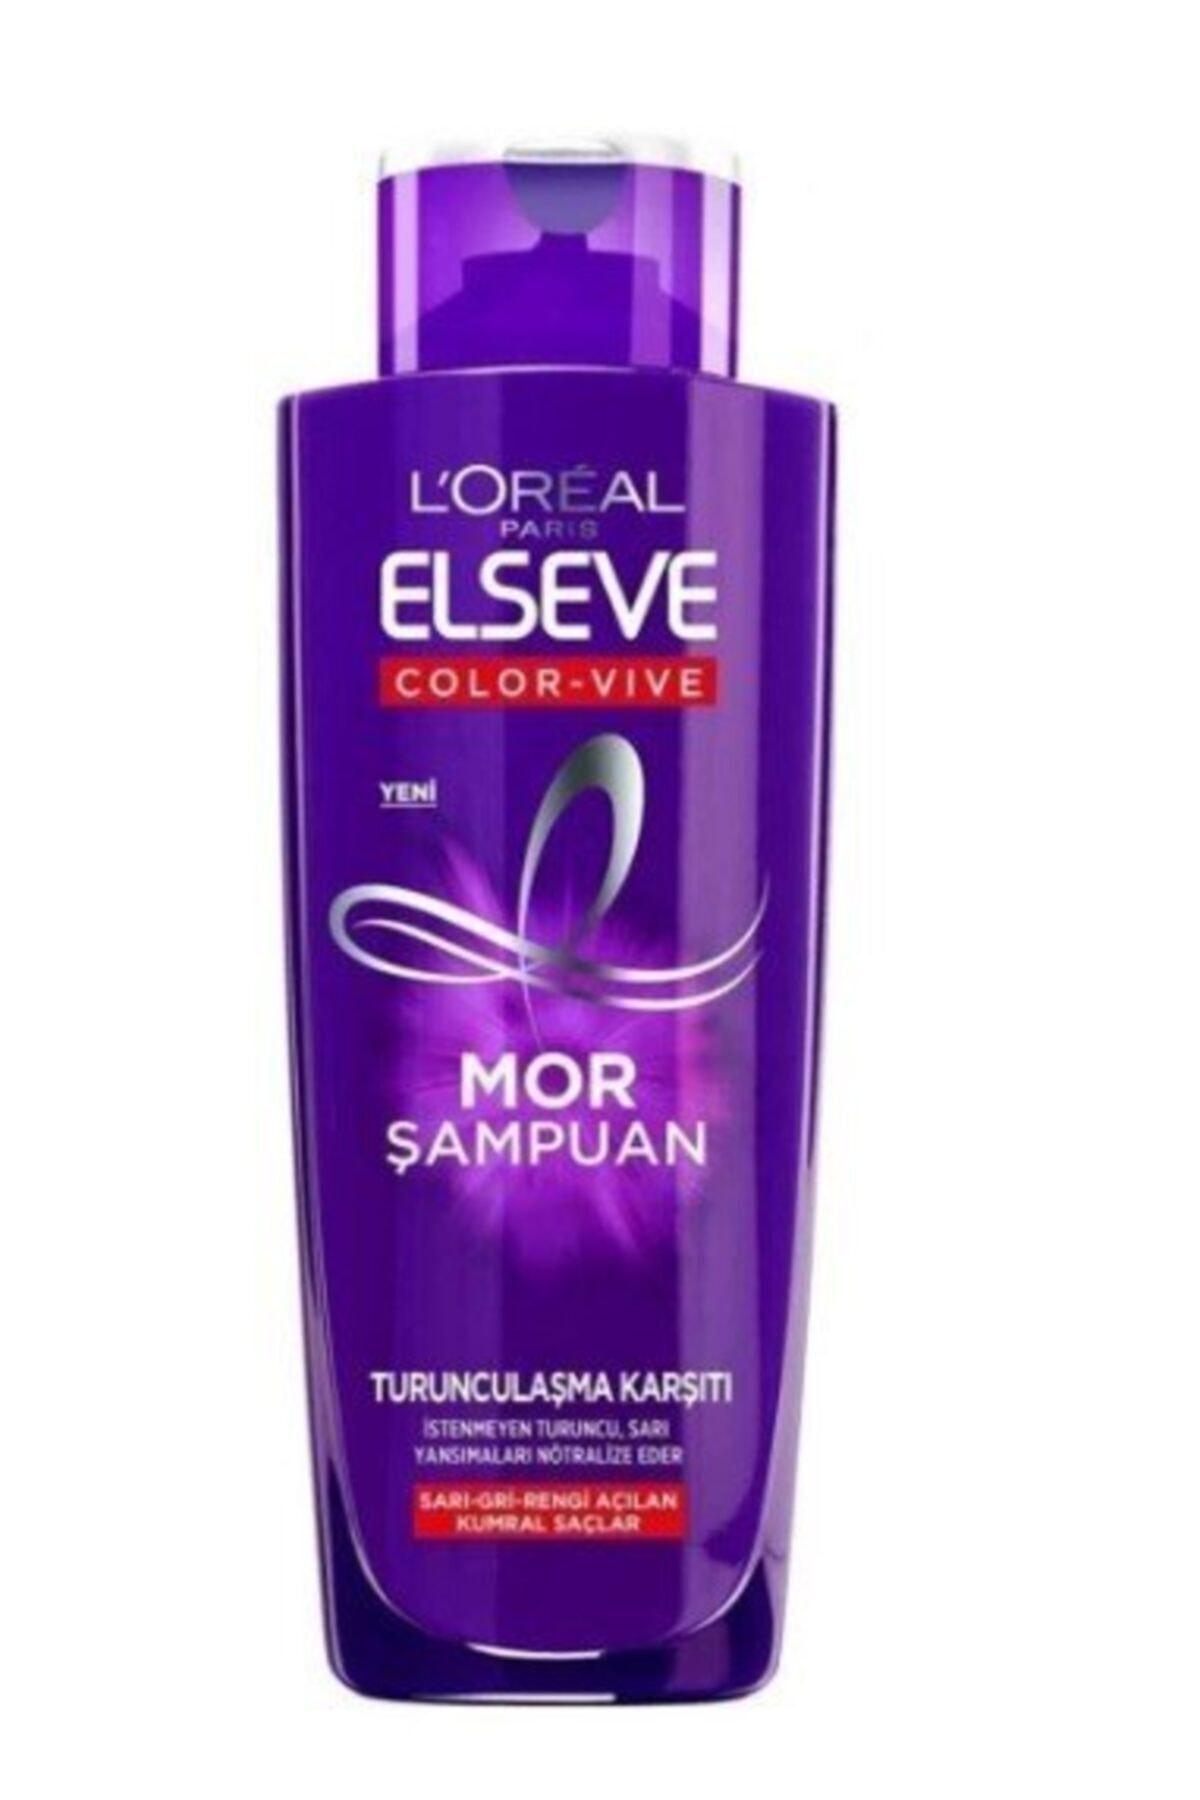 ELSEVE Turunculaşma Karşıtı Mor Şampuan 200ml 1